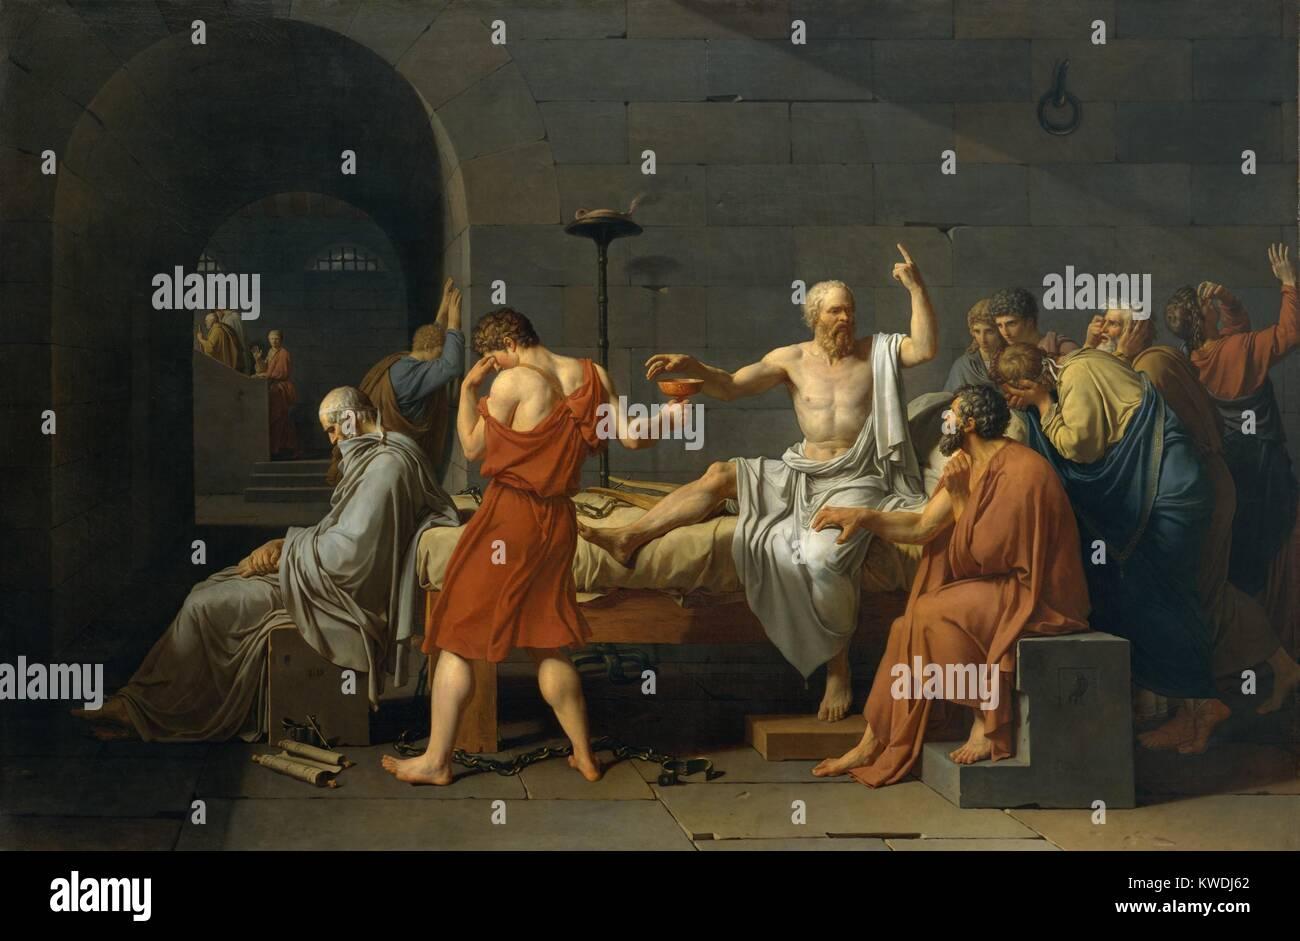 Der Tod des Sokrates, von Jacques Louis David, 1787, Französisch neoklassischen Malerei, Öl auf Leinwand. Stockbild